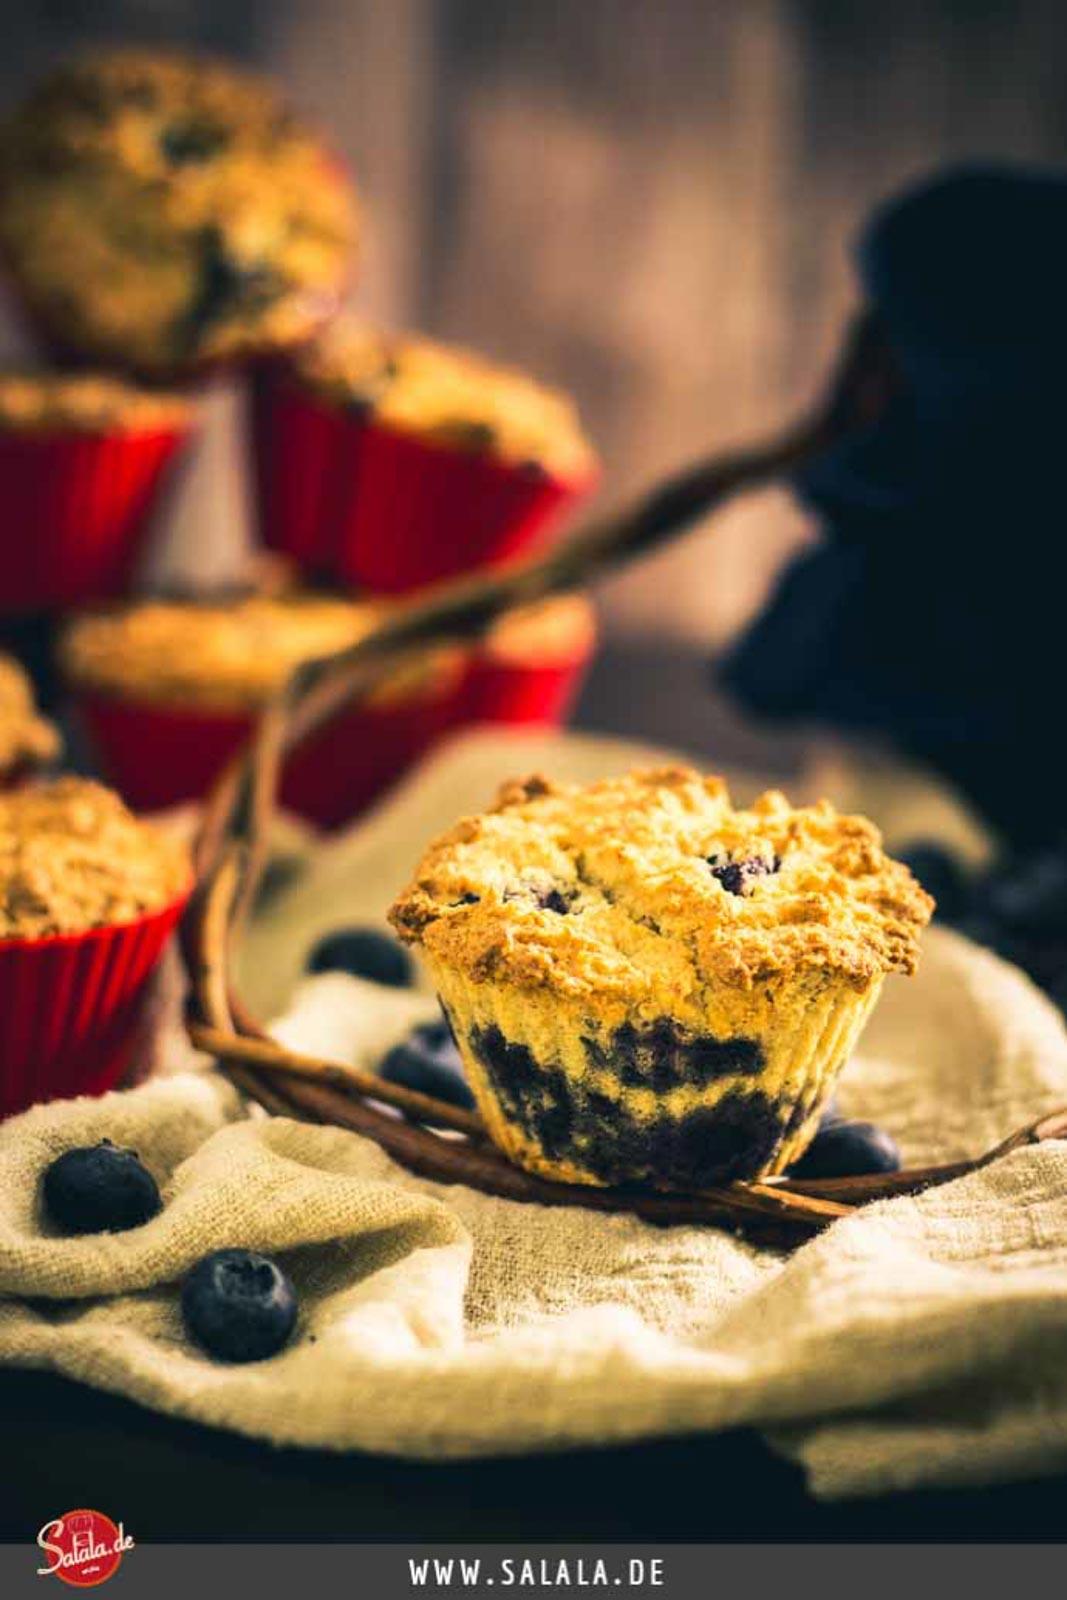 Blaubeermuffins - by salala.de - Low Carb Rezept ohne Zucker und glutenfrei #lowcarb #lowcarbrezepte #glutenfrei #muffins #heidelbeeren #zuckerfrei